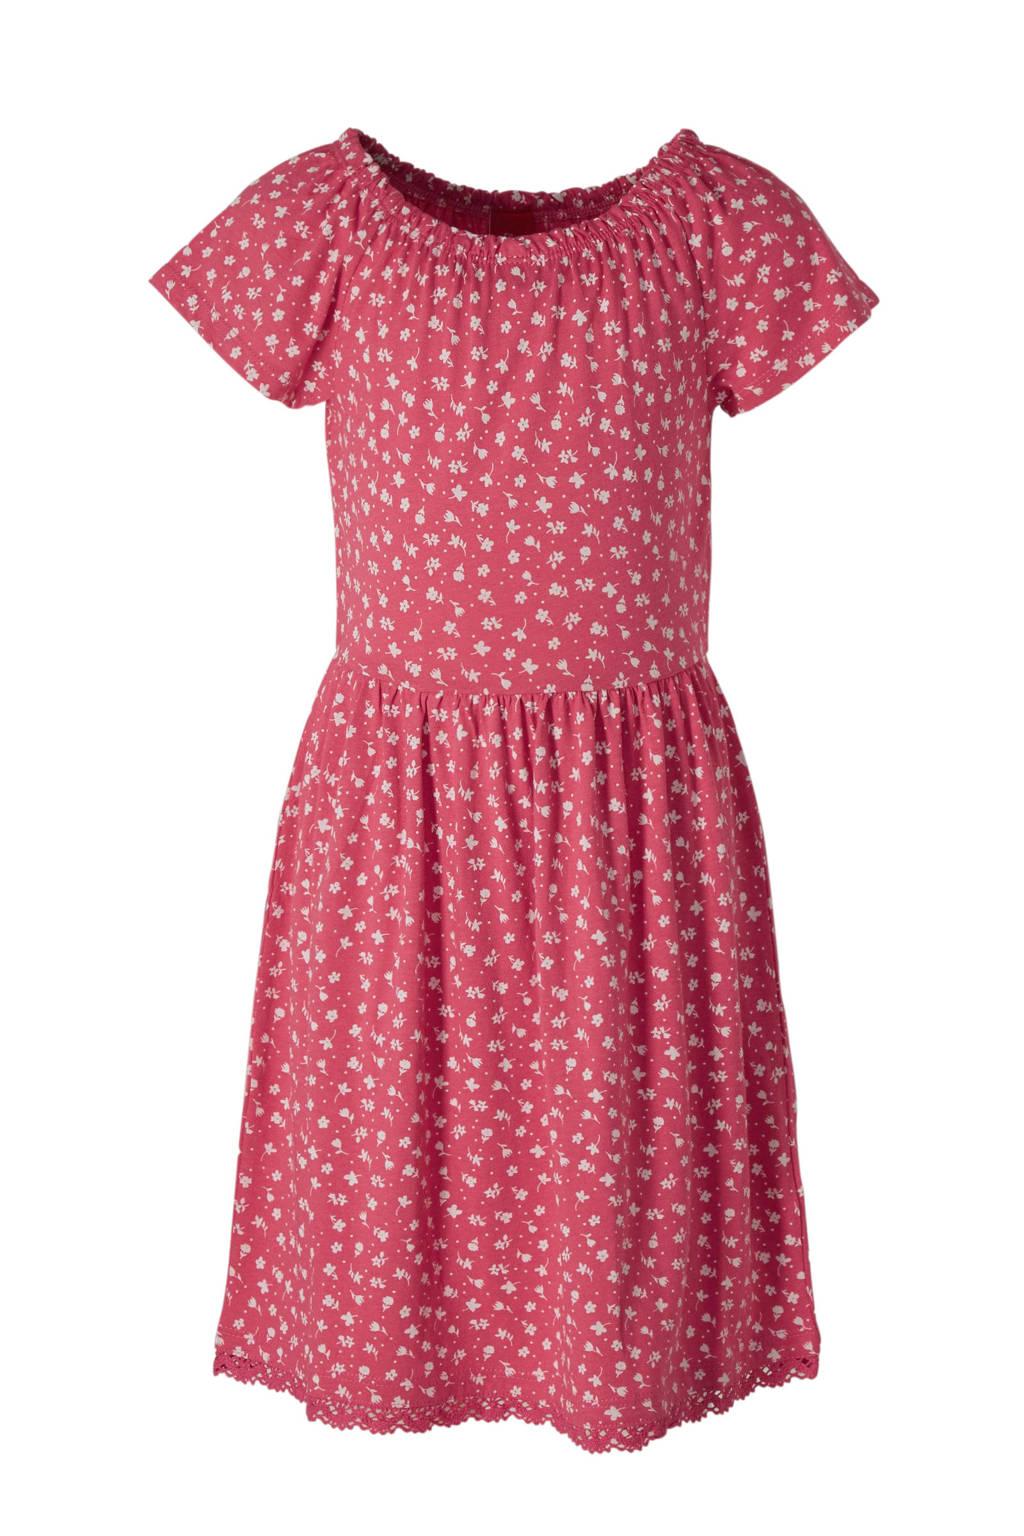 s.Oliver gebloemde off shoulder jurk roze, Roze